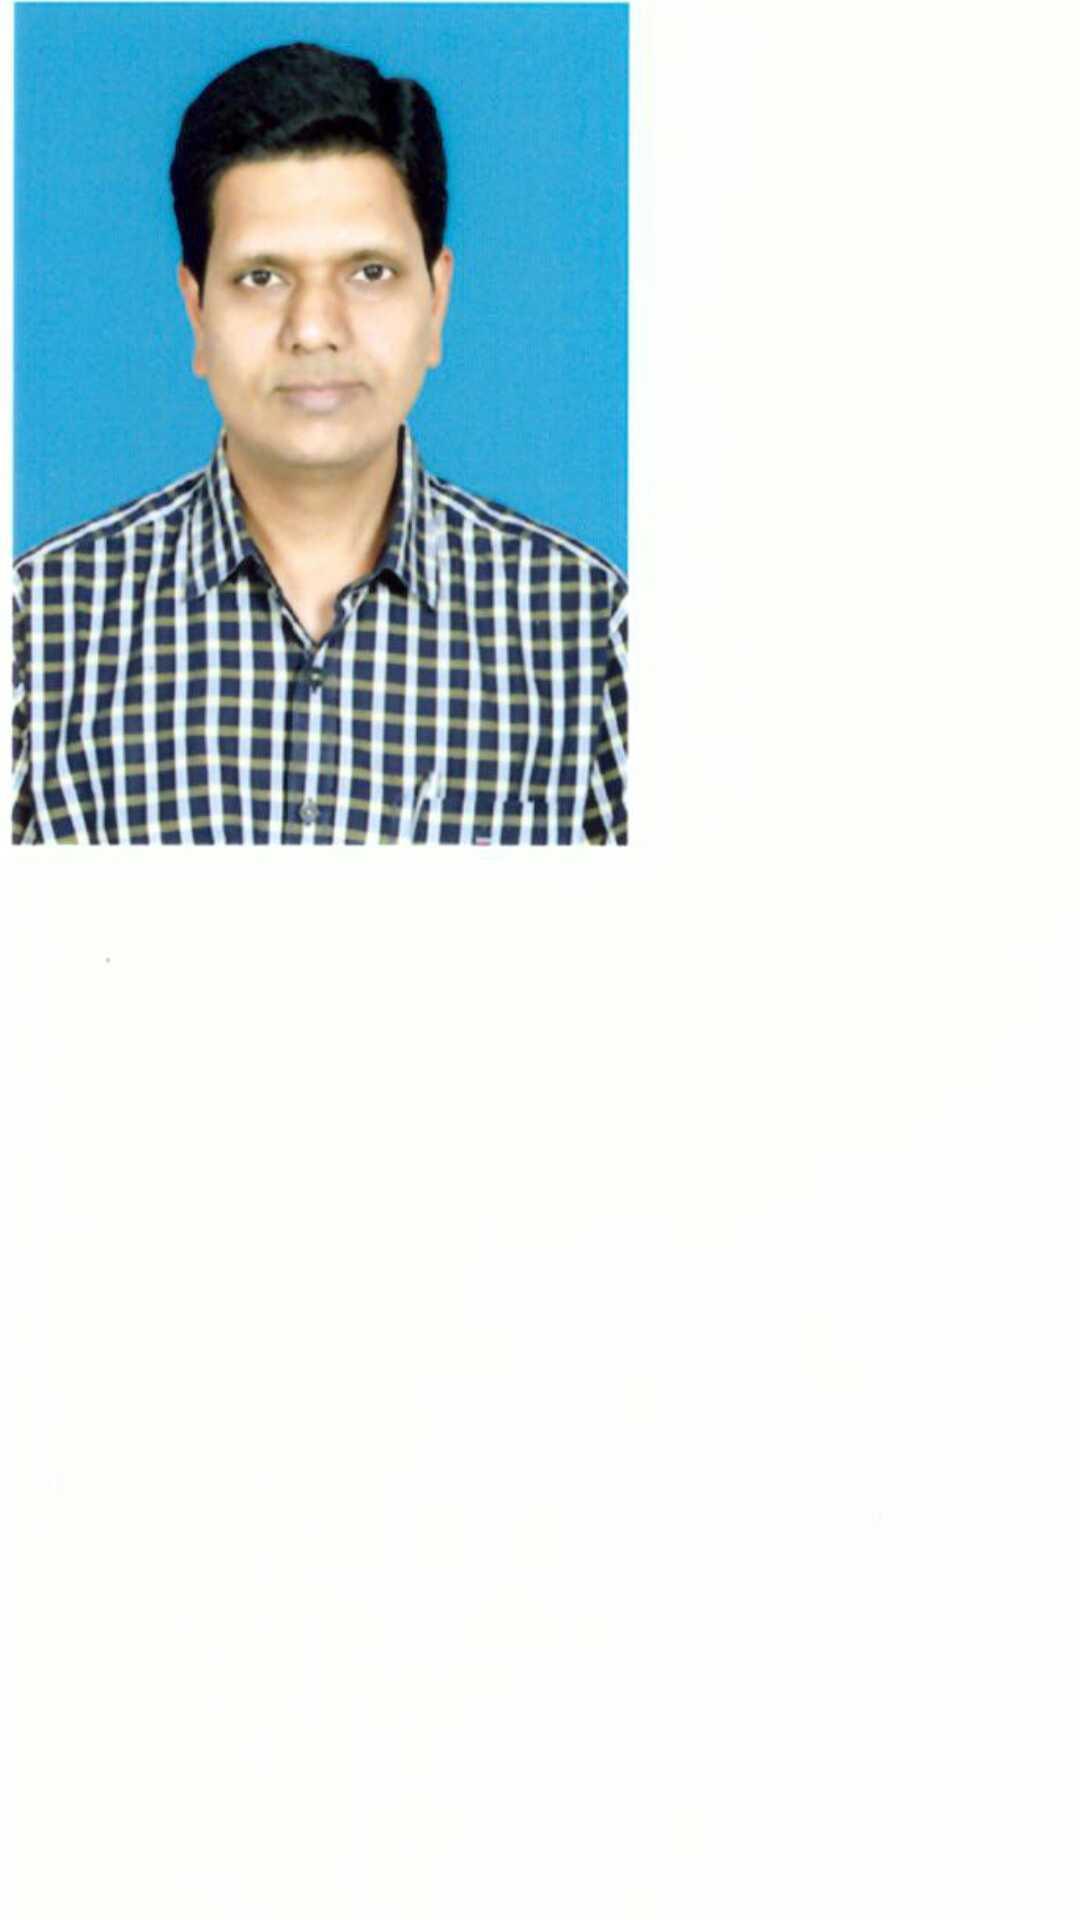 Upkar Remedies Pvt. Ltd